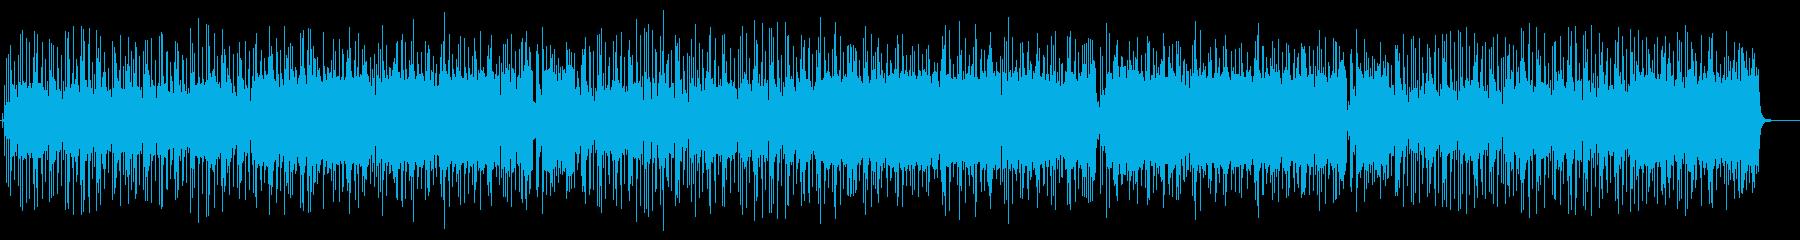 ブルース・カントリー風のインストの再生済みの波形